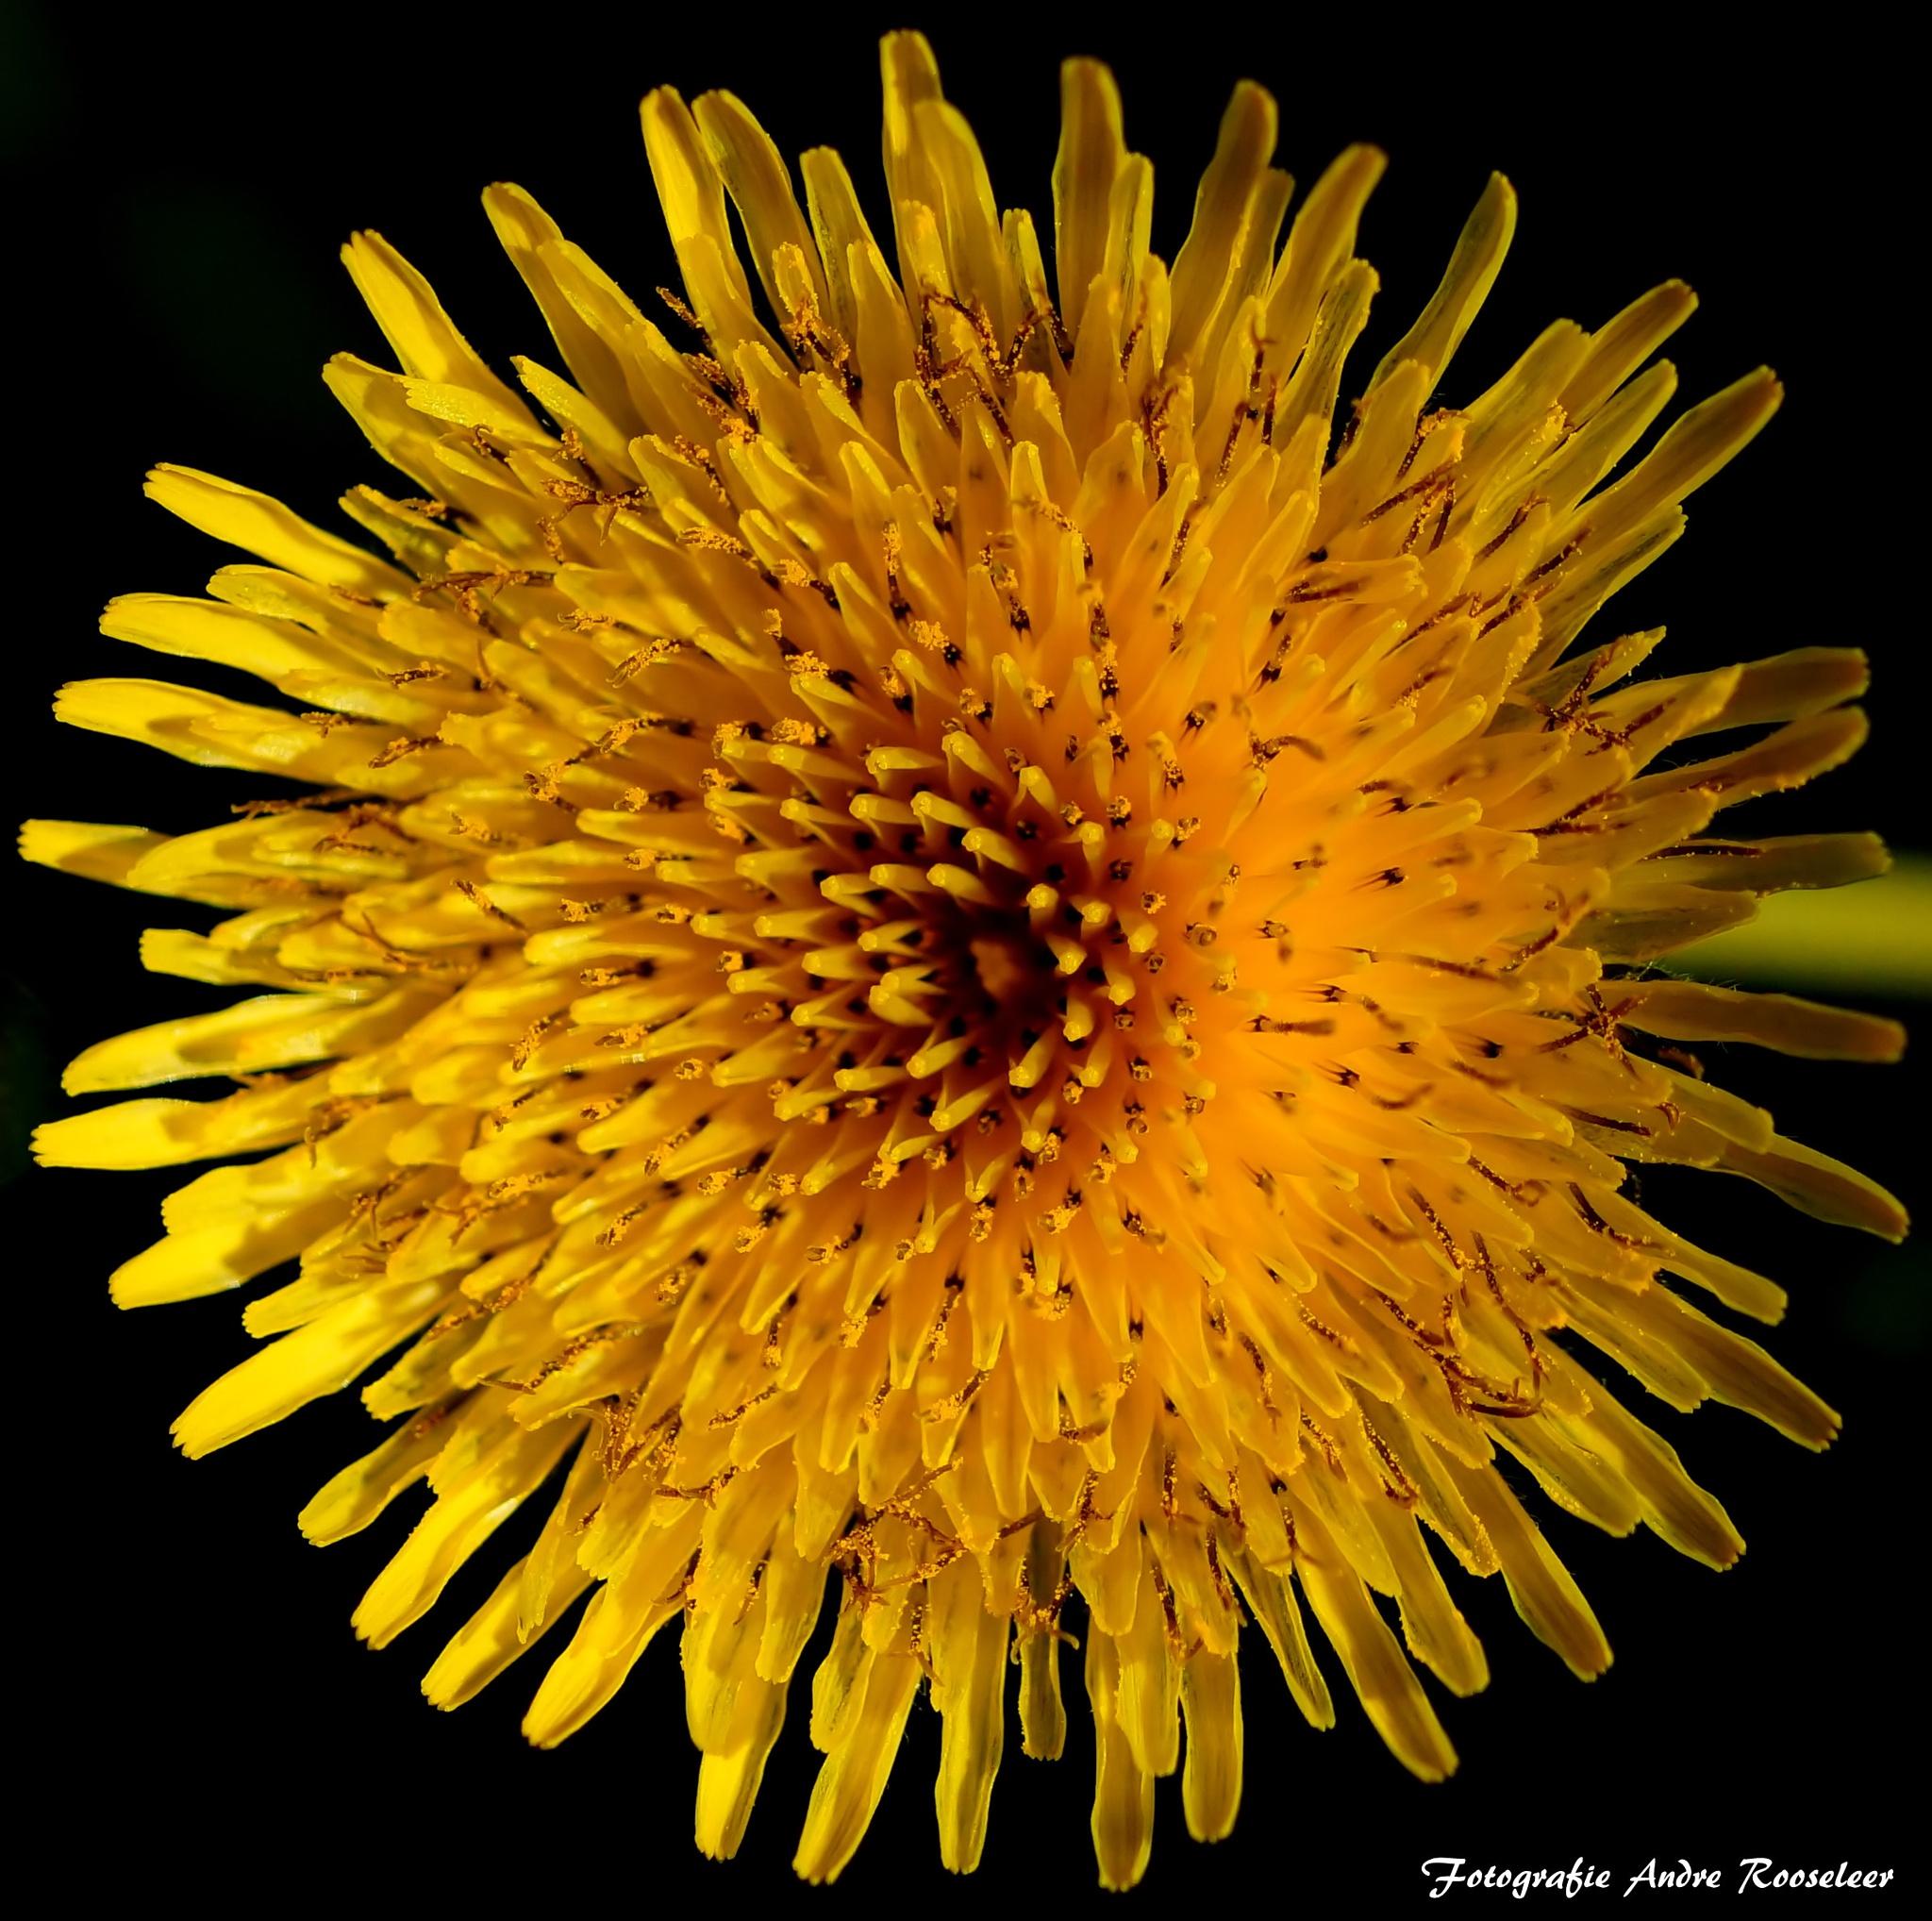 Paardenbloem----Dandelion (Taraxacum officinale) by andre.rooseleer